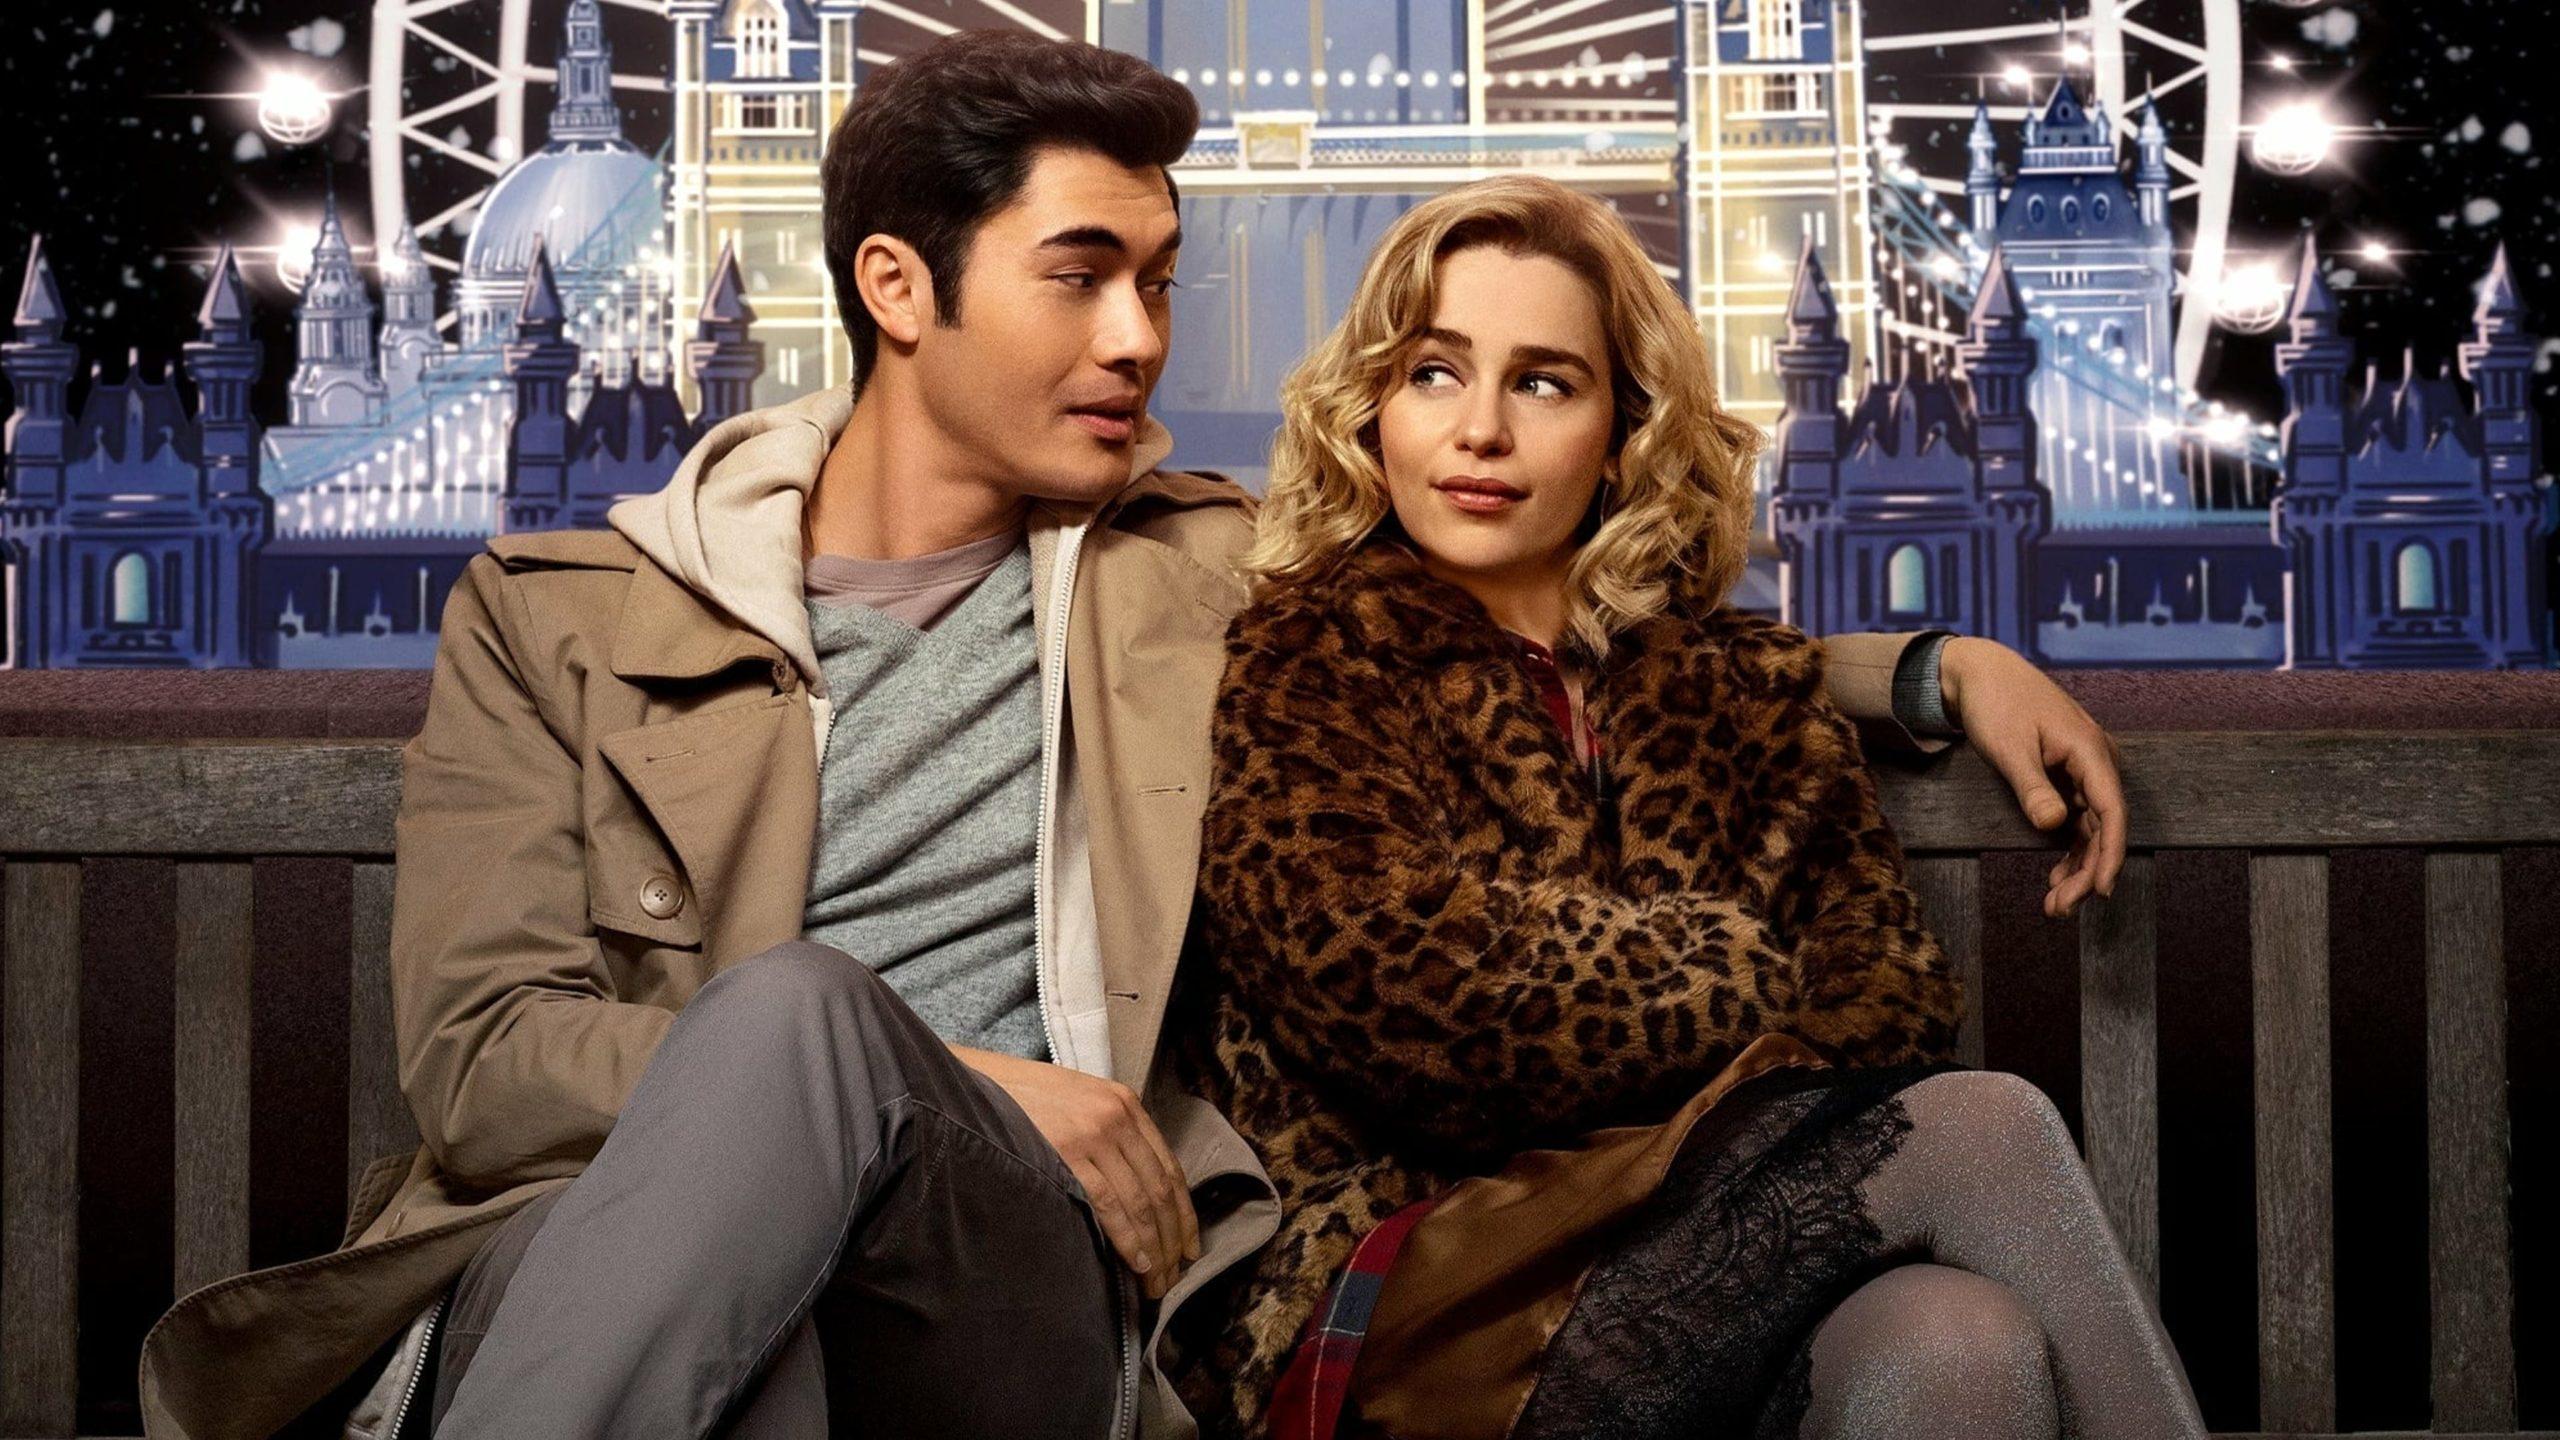 فيلم الجريمة والاكشن lood on Her Name مترجم للعربية كامل افلام 2020